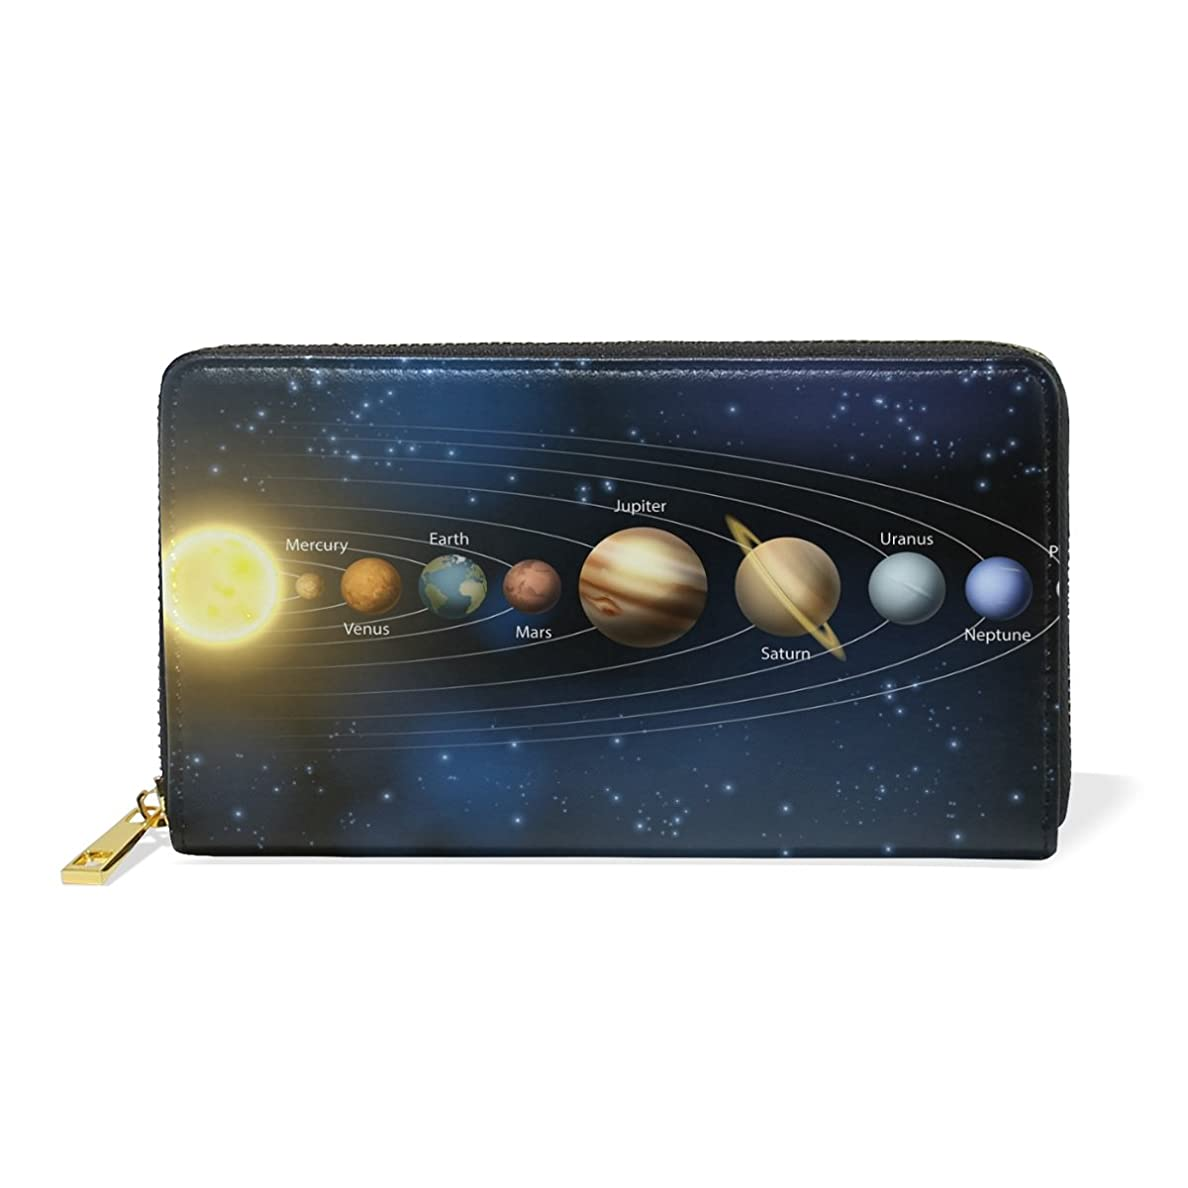 信じる小売逆さまにAOMOKI 財布 長財布 ラウンドファスナー 本革 大容量 通学 通勤 旅行 惑星